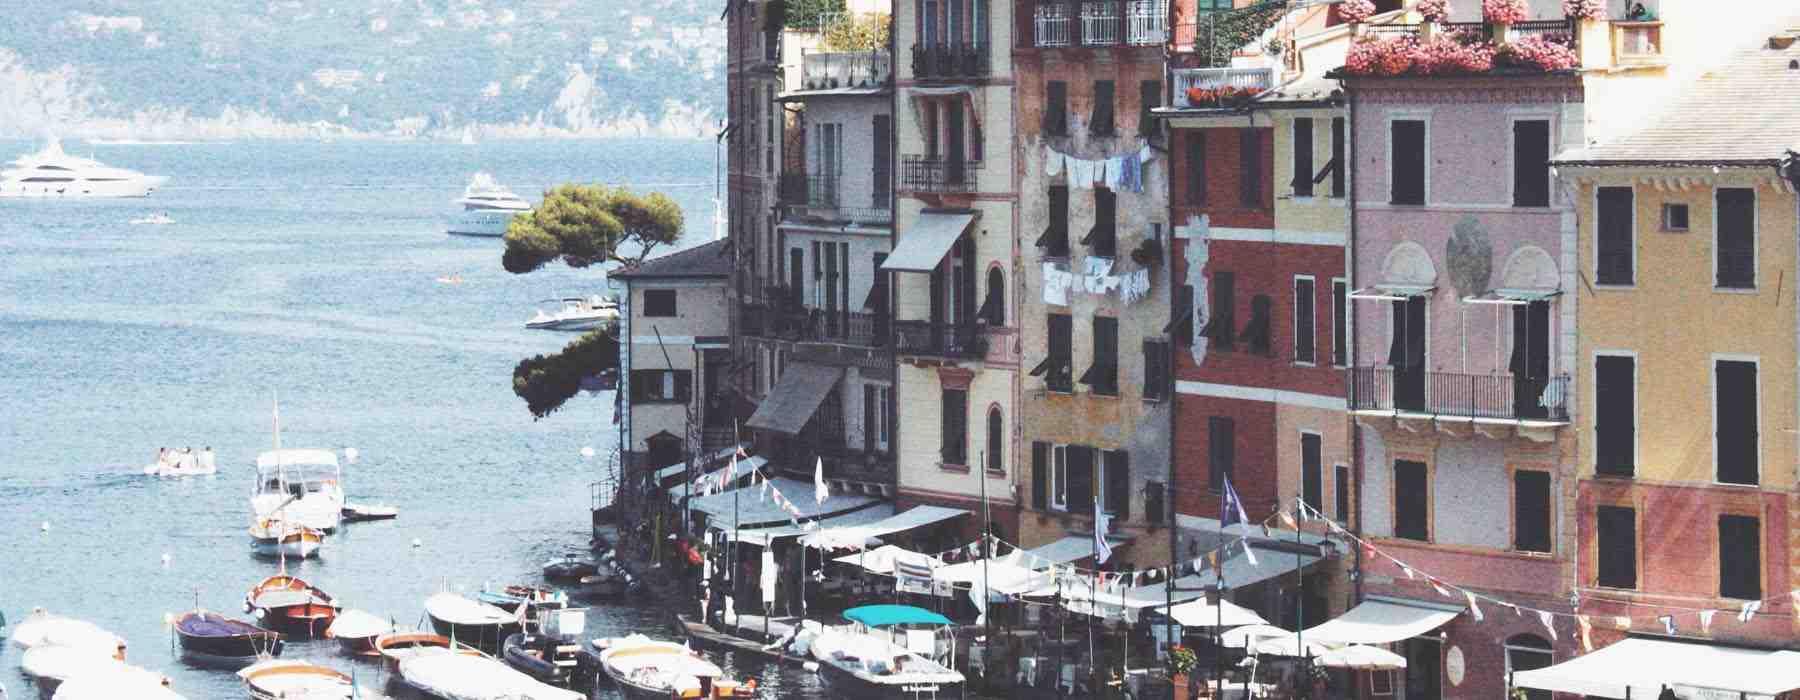 Dove fare festa in Italia in estate?